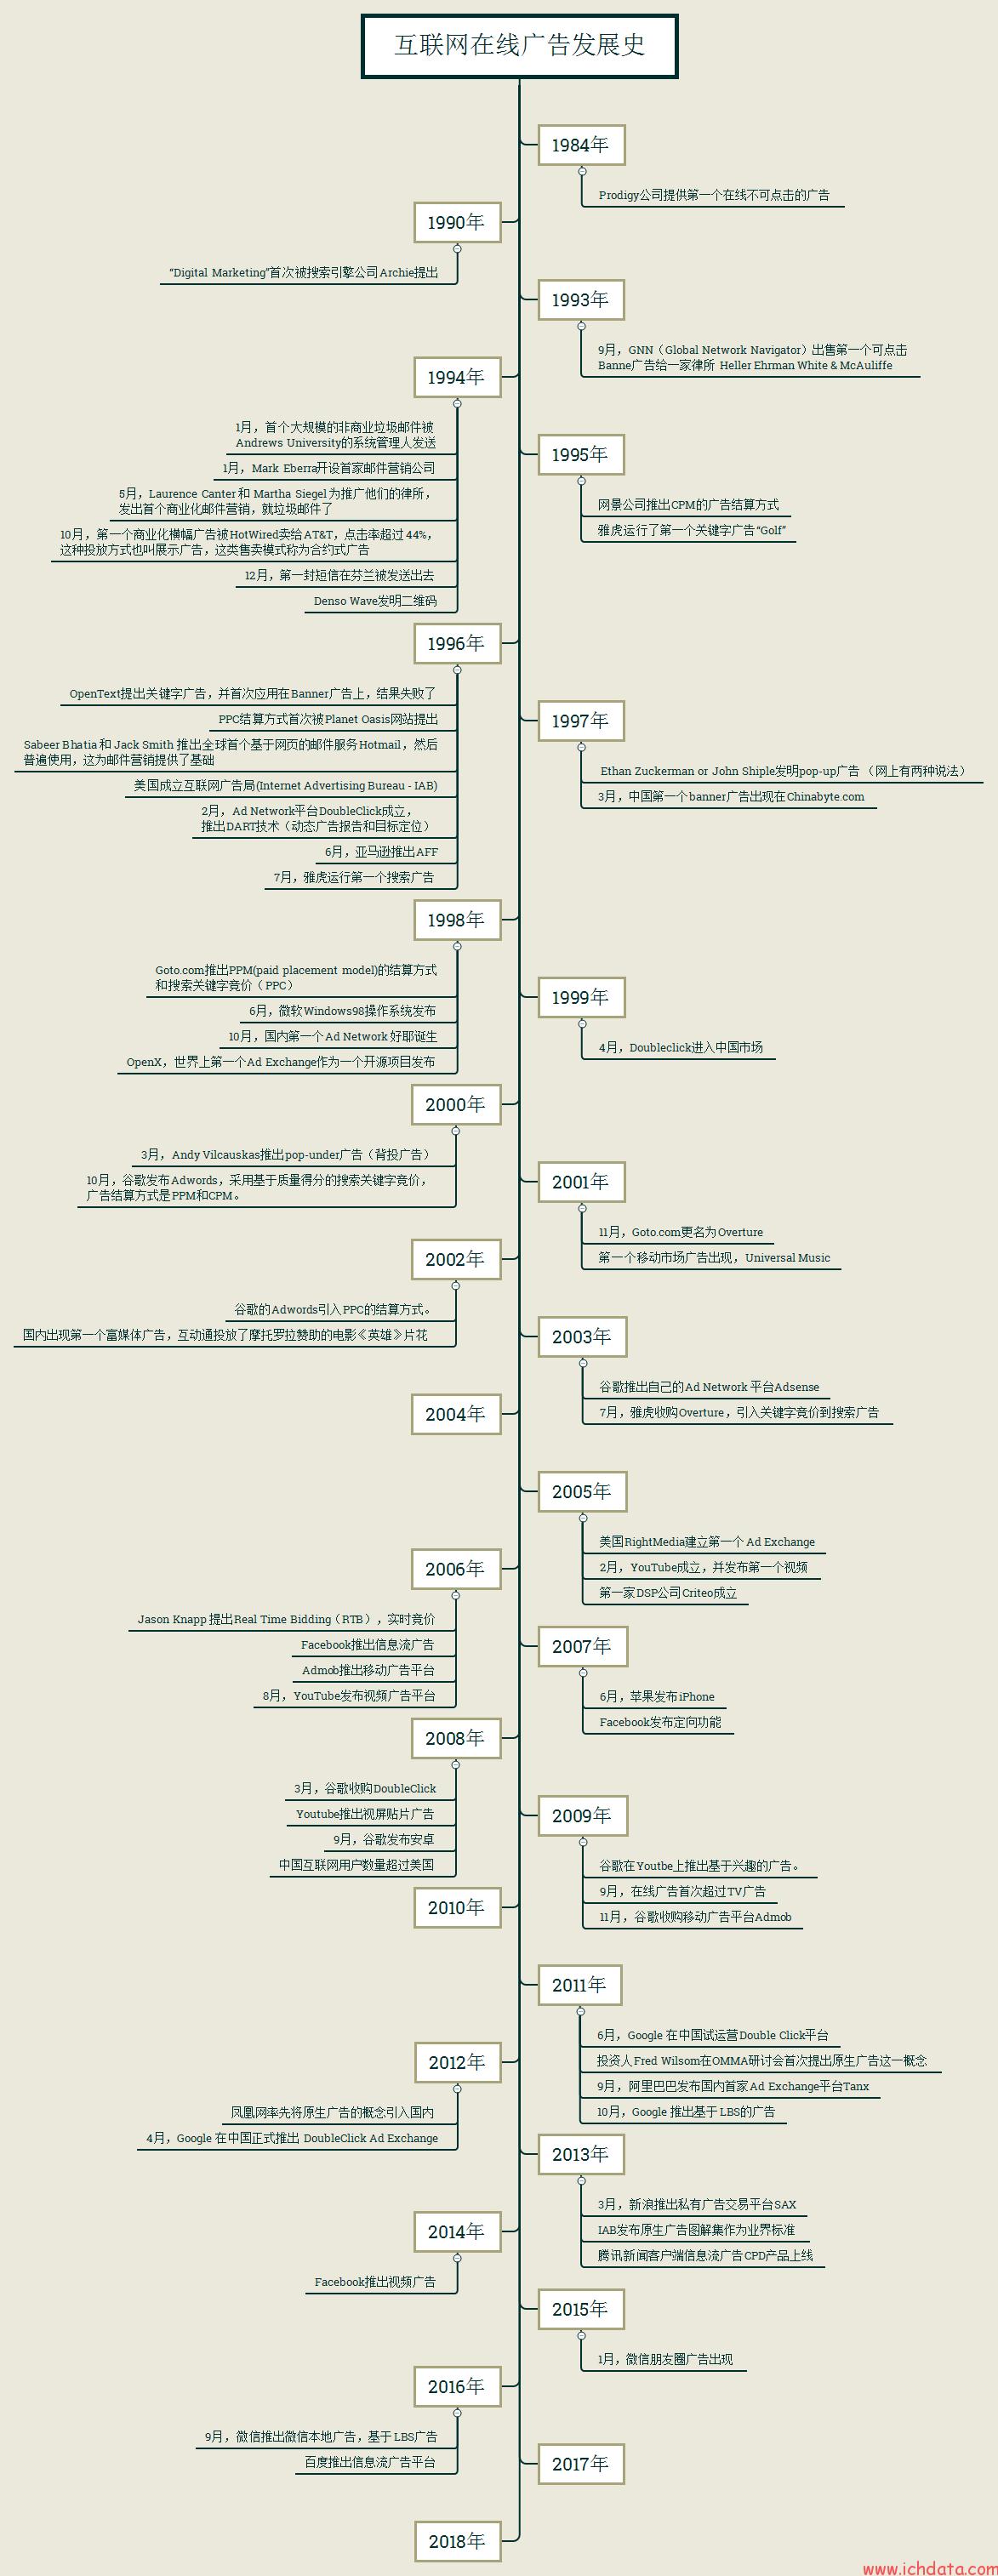 互联网在线广告发展史(1)——互联网在线广告发展史